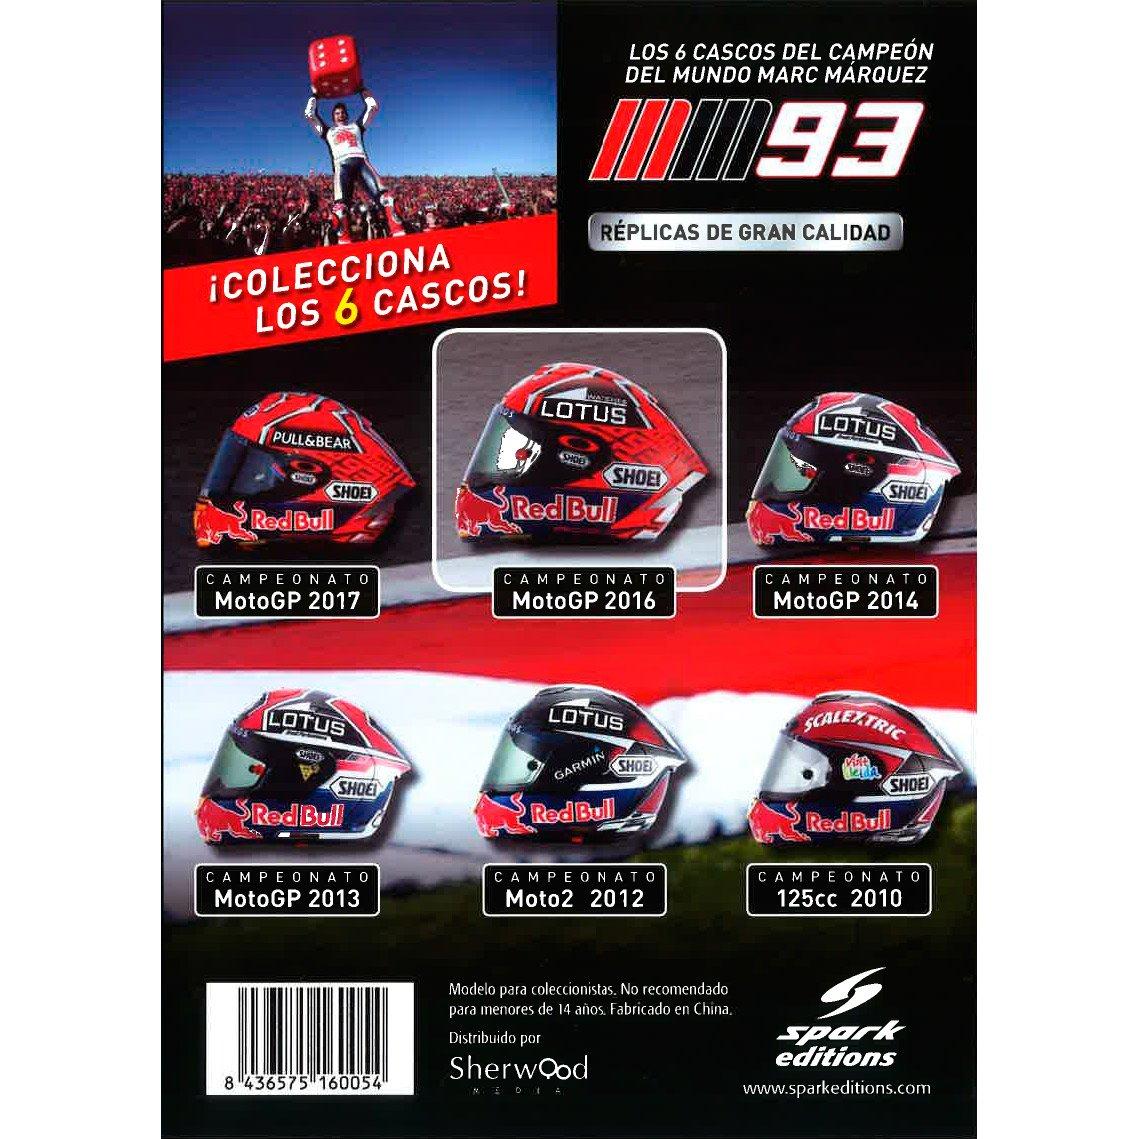 Spark Editions - Casco De Marc Márquez - Campeón Del Mundo De MotoGP (2016): Amazon.es: Videojuegos